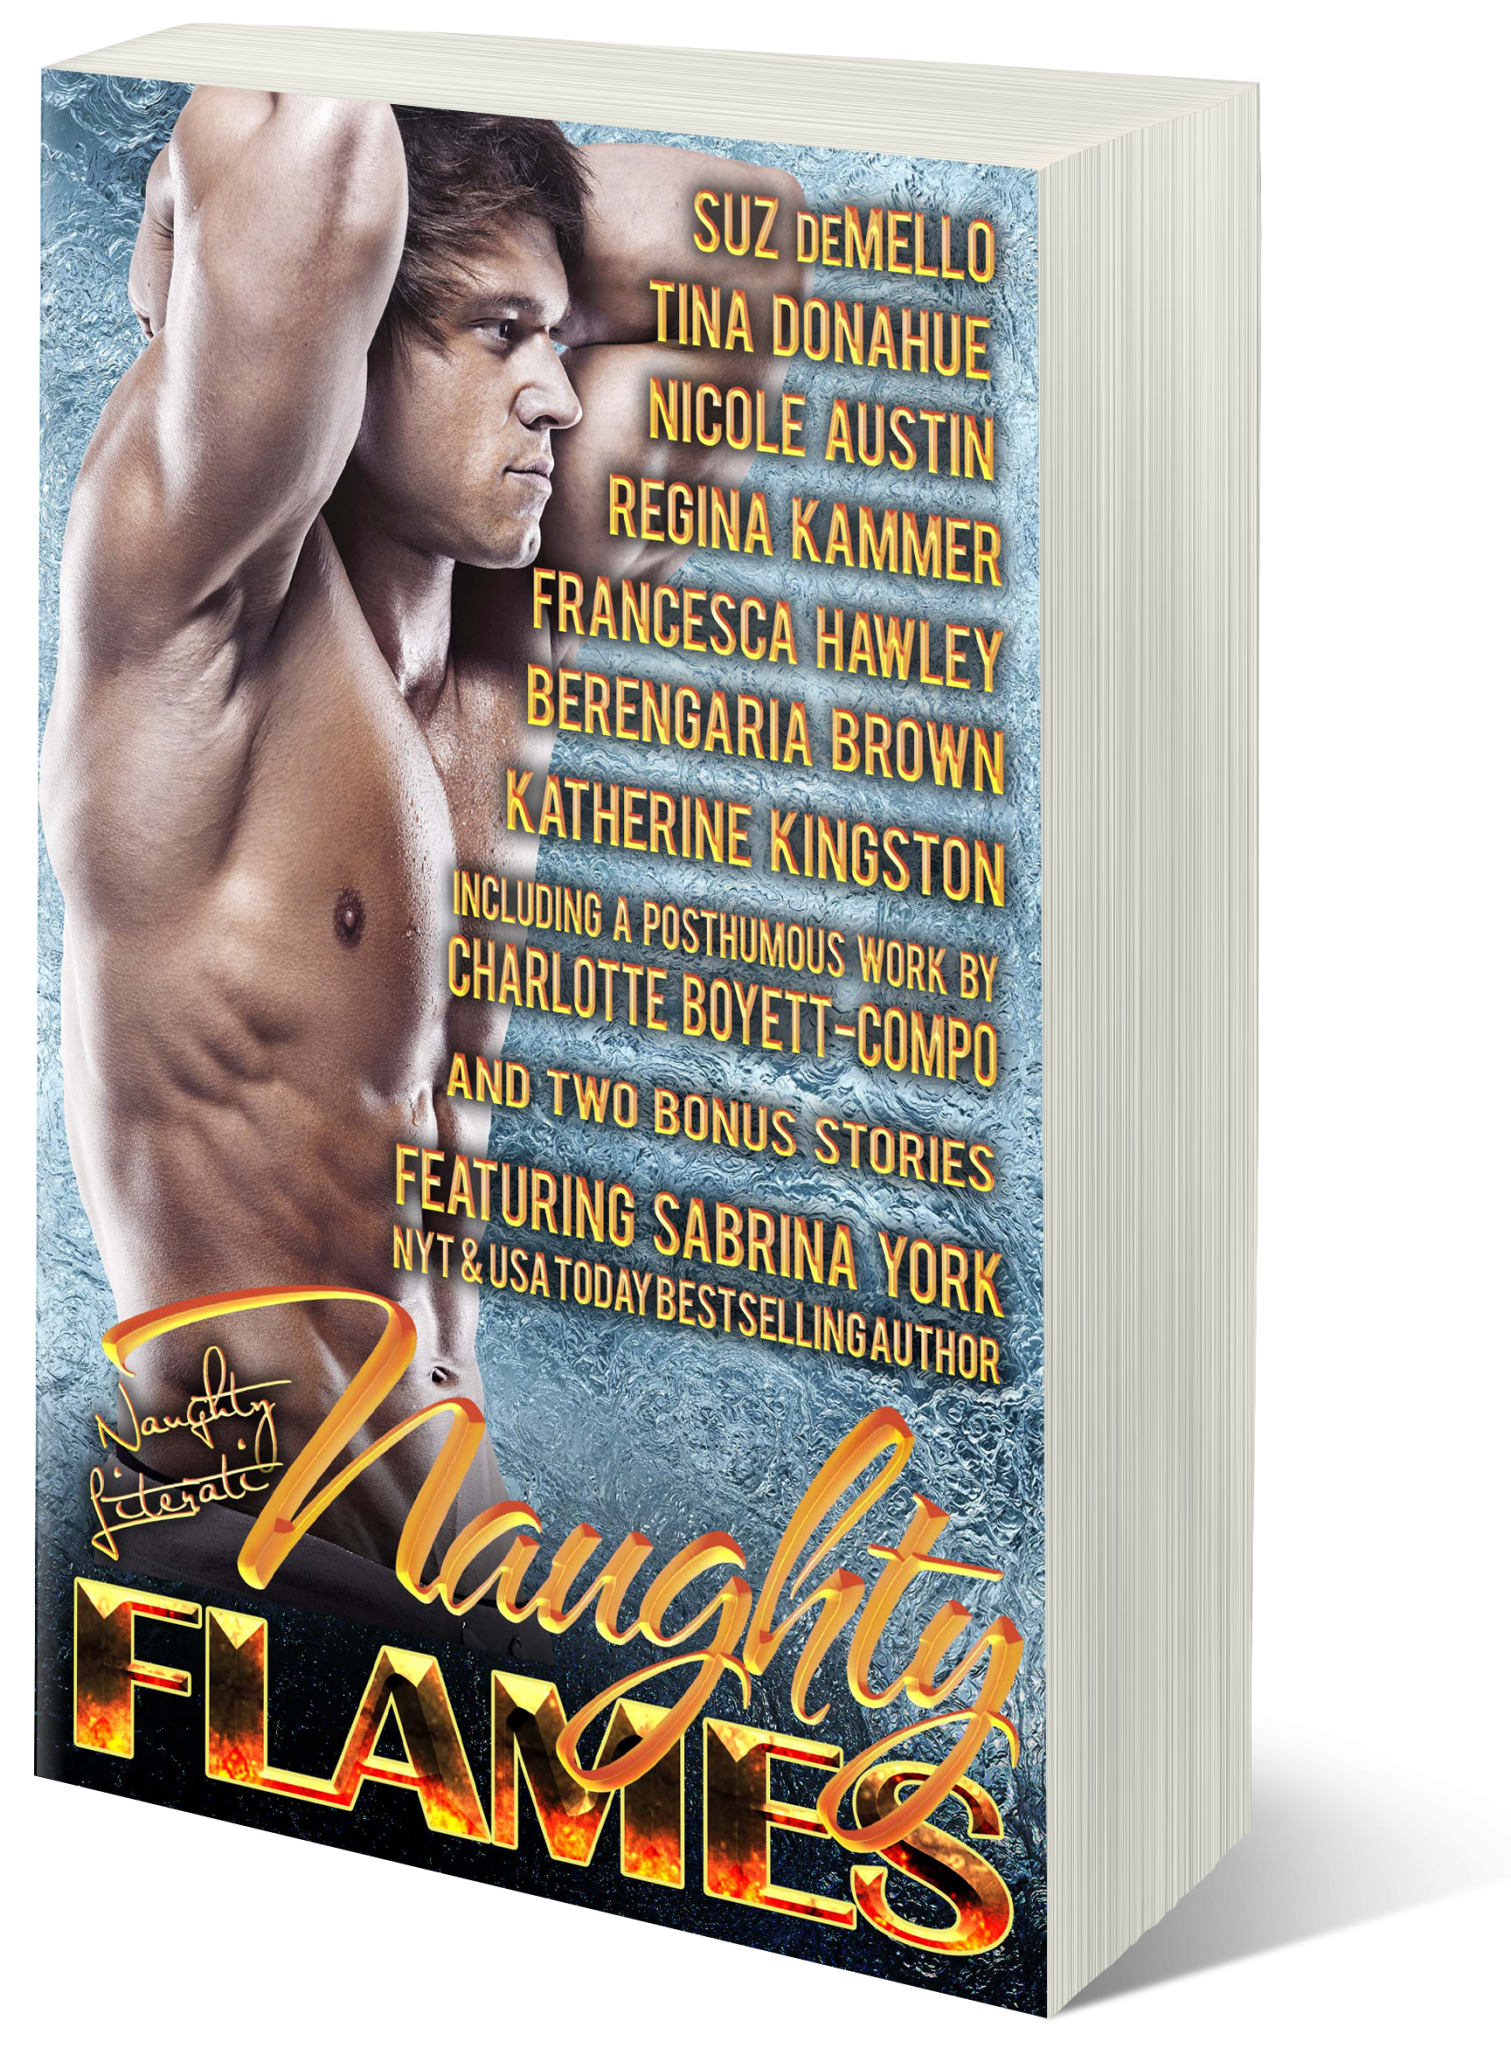 Naughty Flames PBK